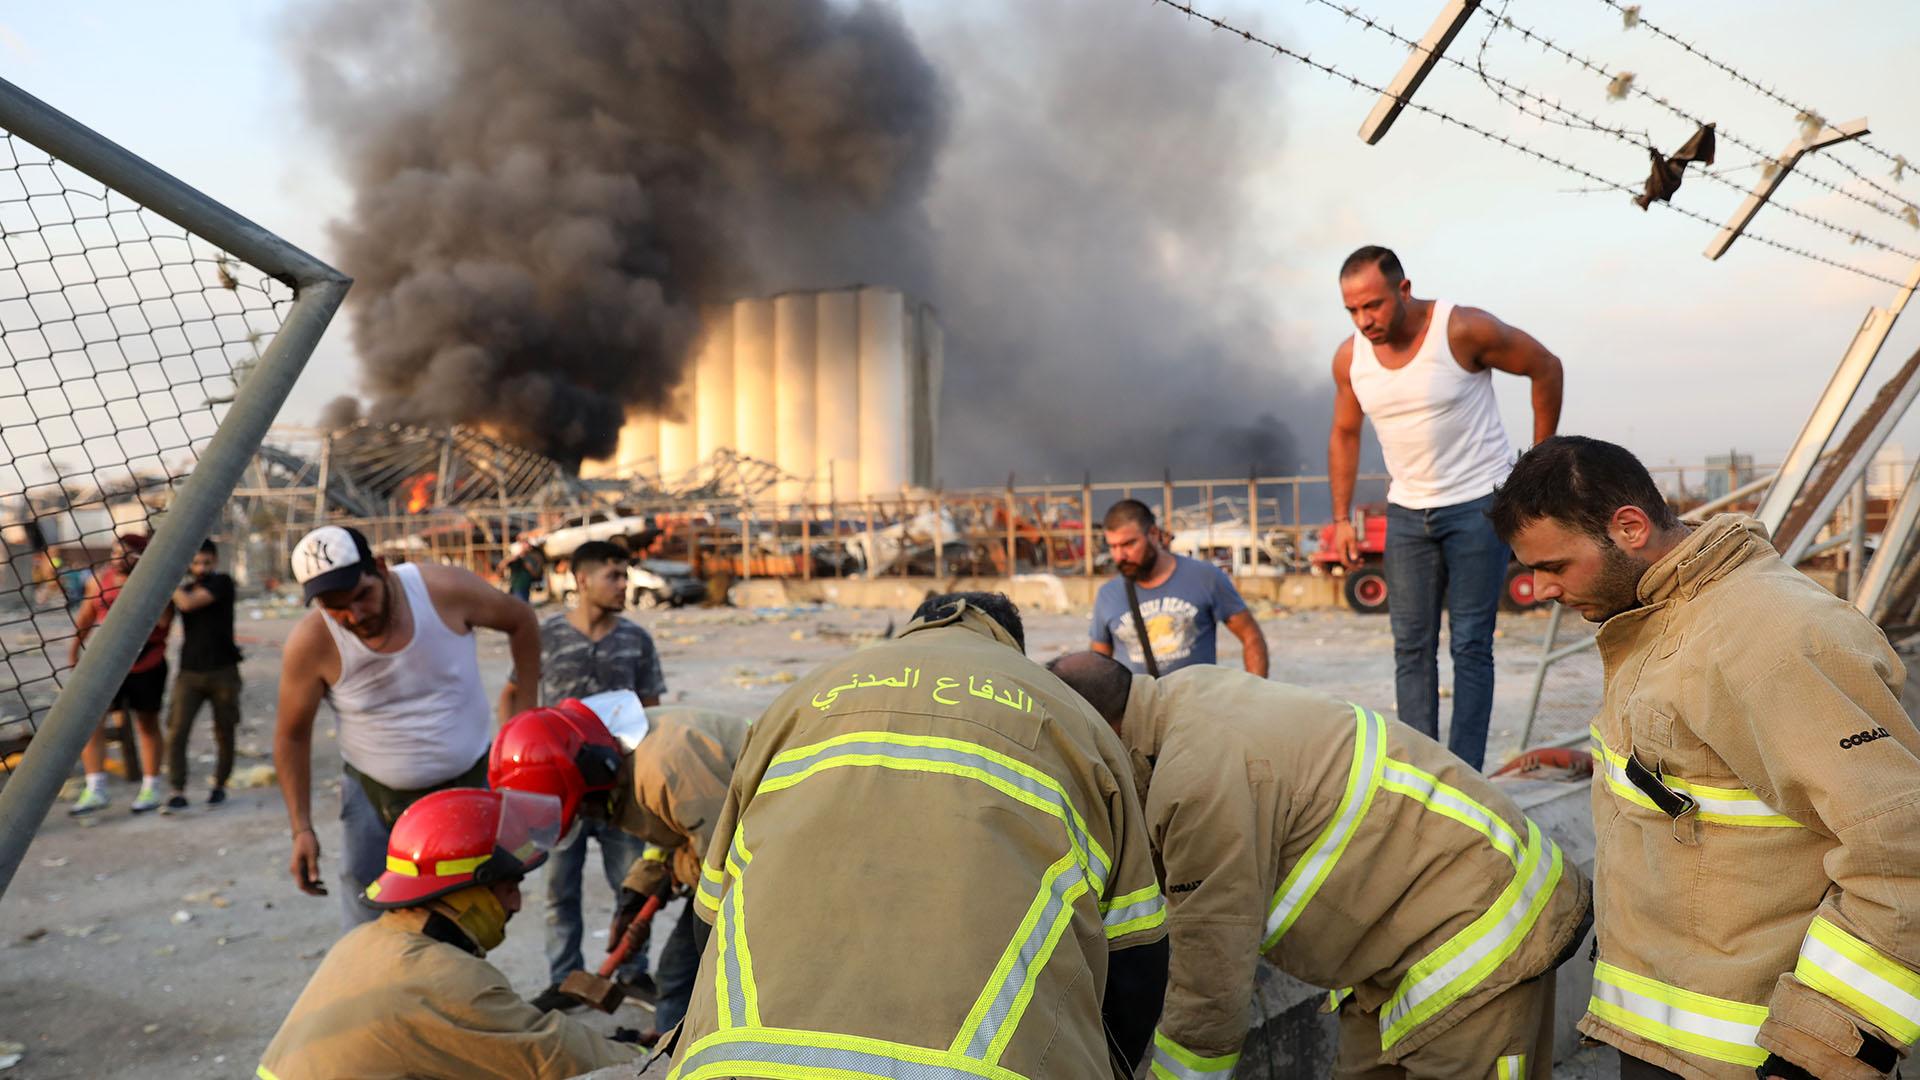 Bomberos trabajan en el lugar de las explosiones en la capital libanesa, que dejaron decenas de muertos y cientos de heridos (Foto de ANWAR AMRO / AFP)